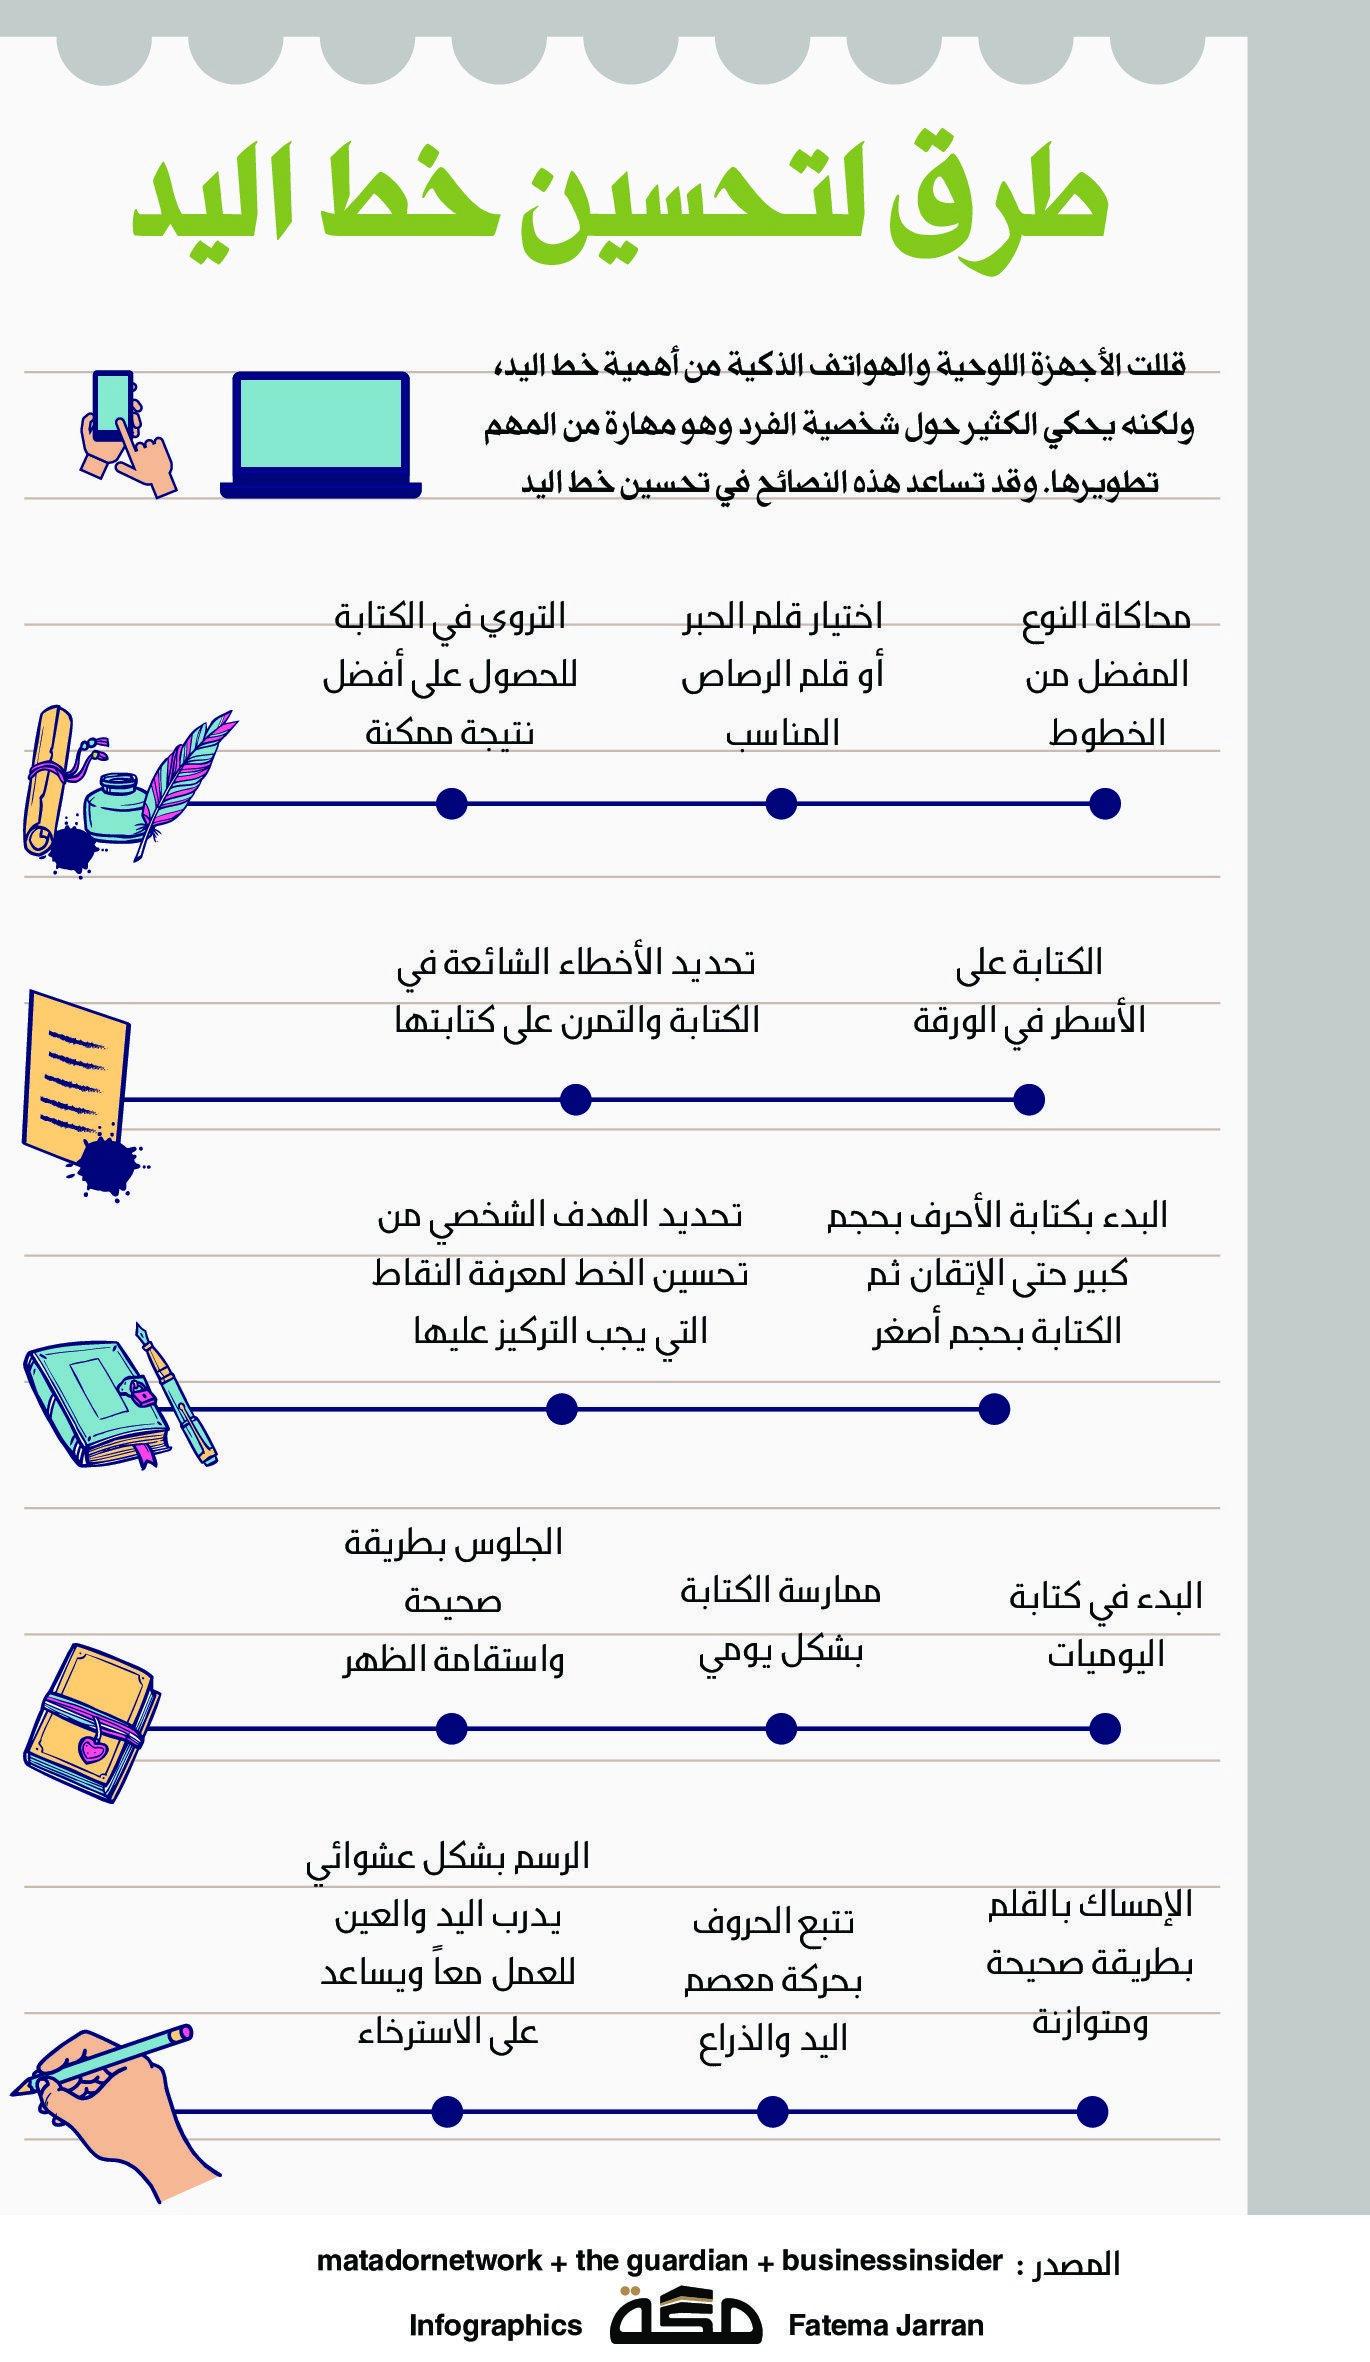 طرق لتحسين خط اليد صحيفة مكة انفوجرافيك منوعات Infographic Makkah